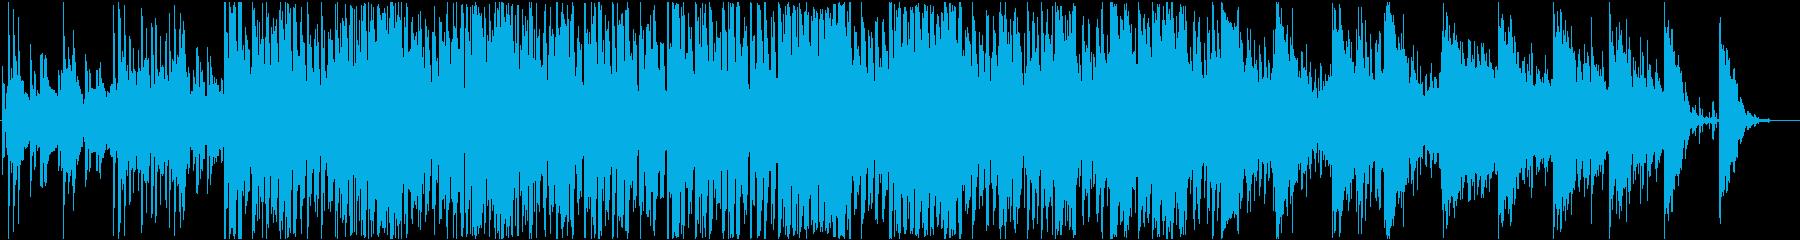 メロウなEDMの再生済みの波形